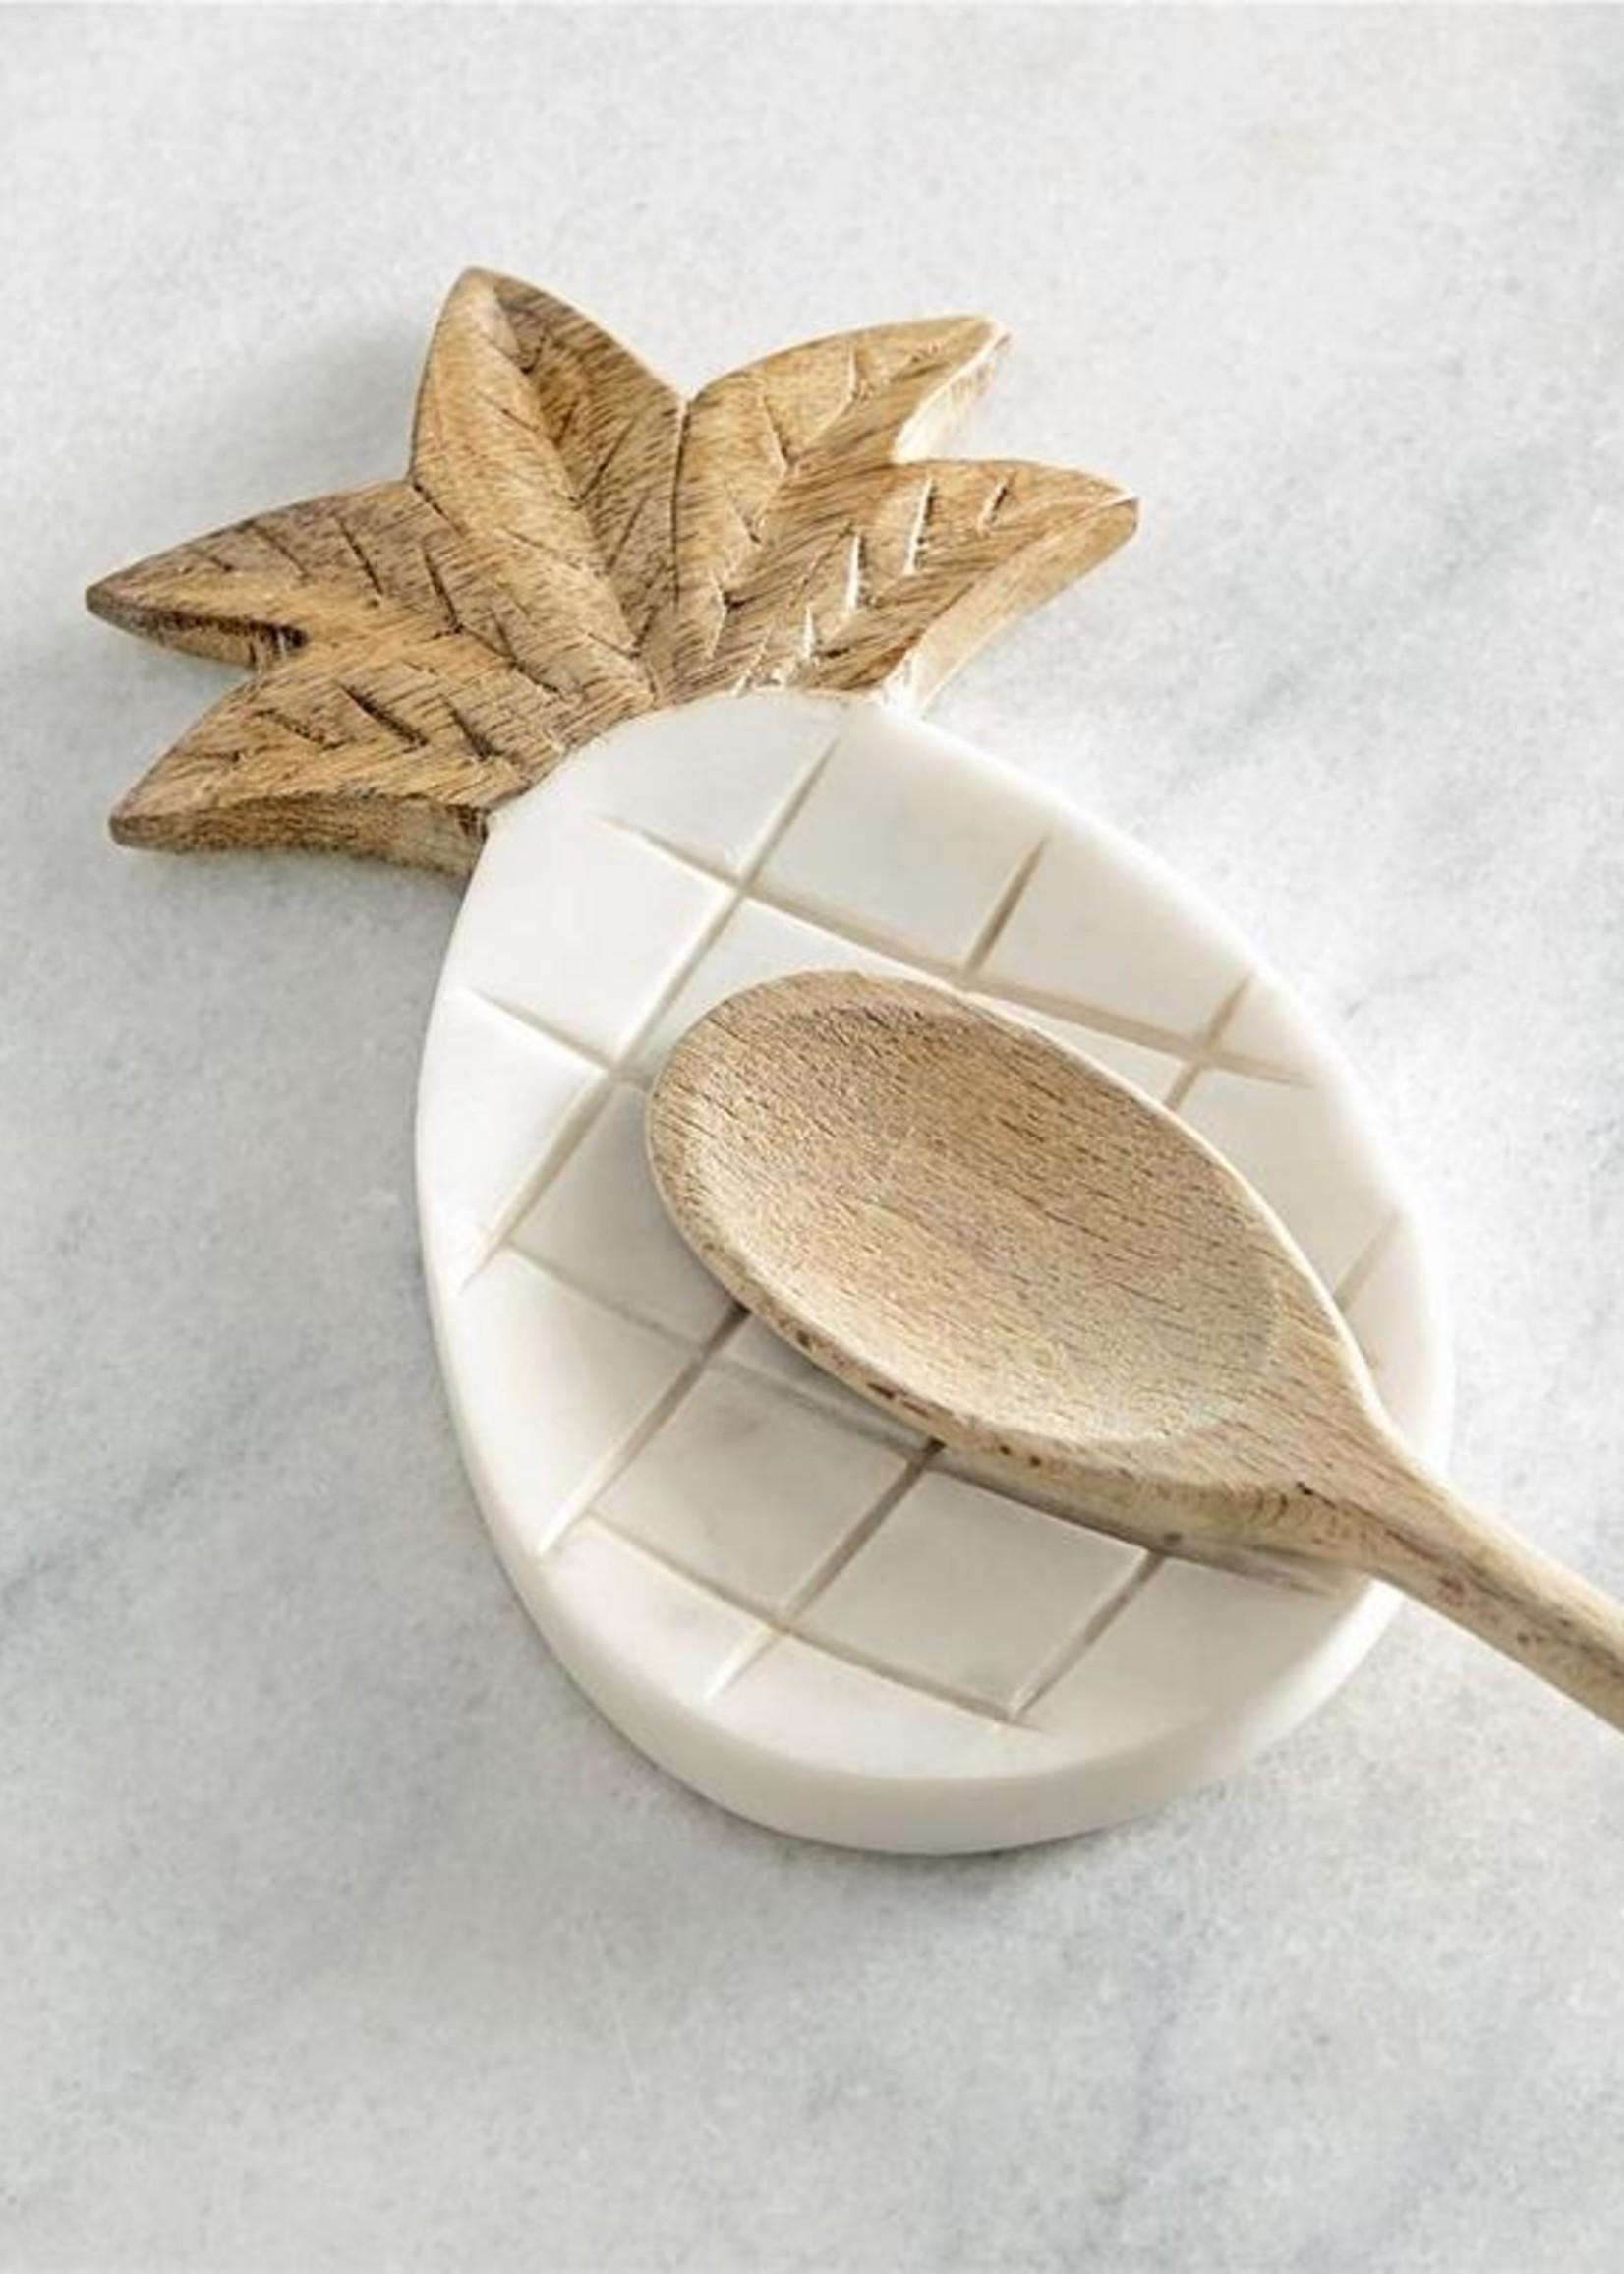 Mud Pie Pineapple Spoon Rest